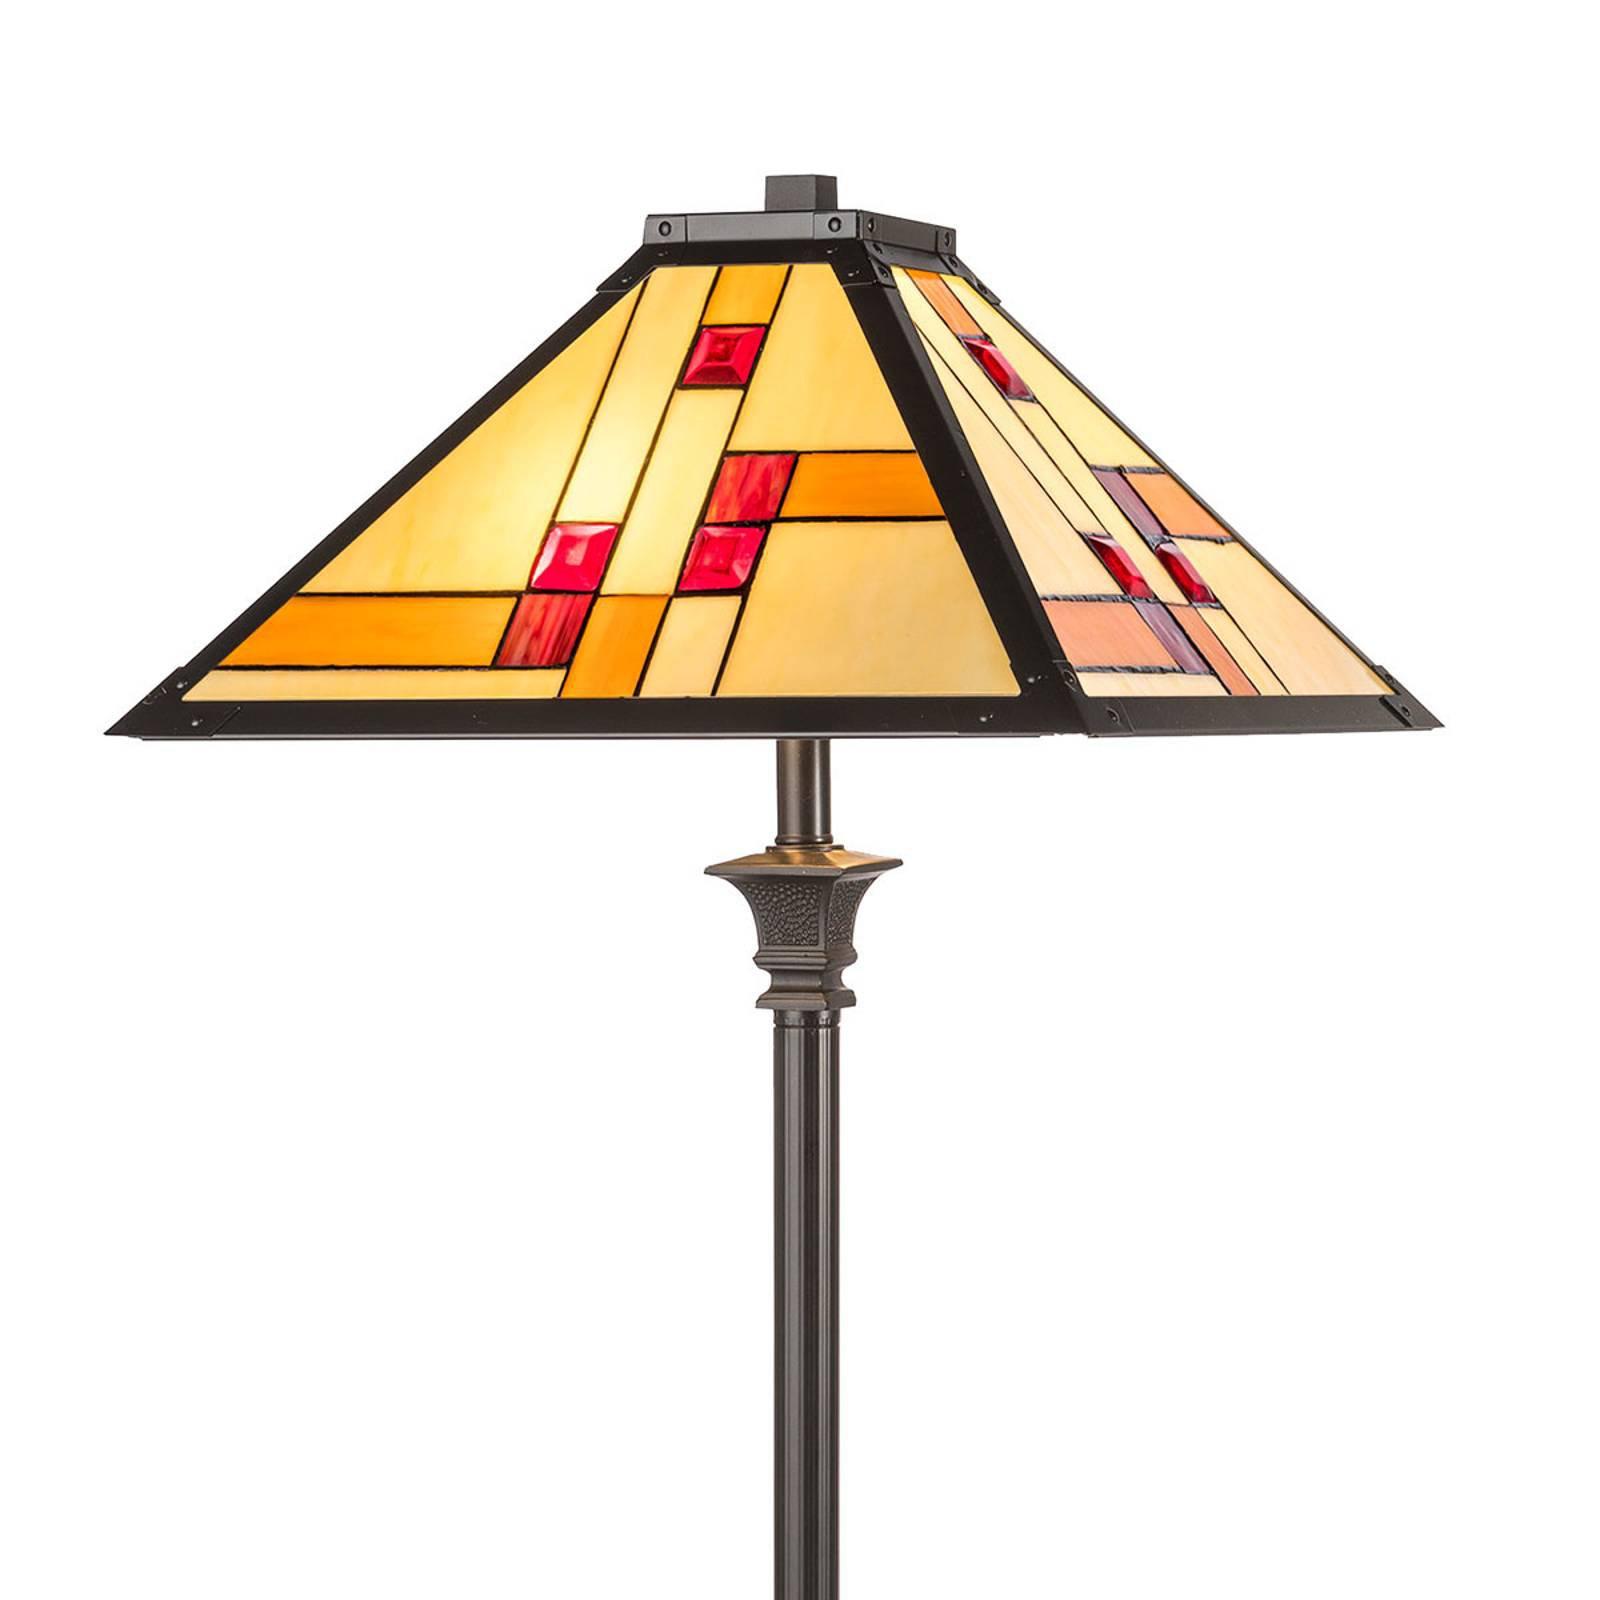 Gulvlampe KT1836-50+P1837 i Tiffany-stil